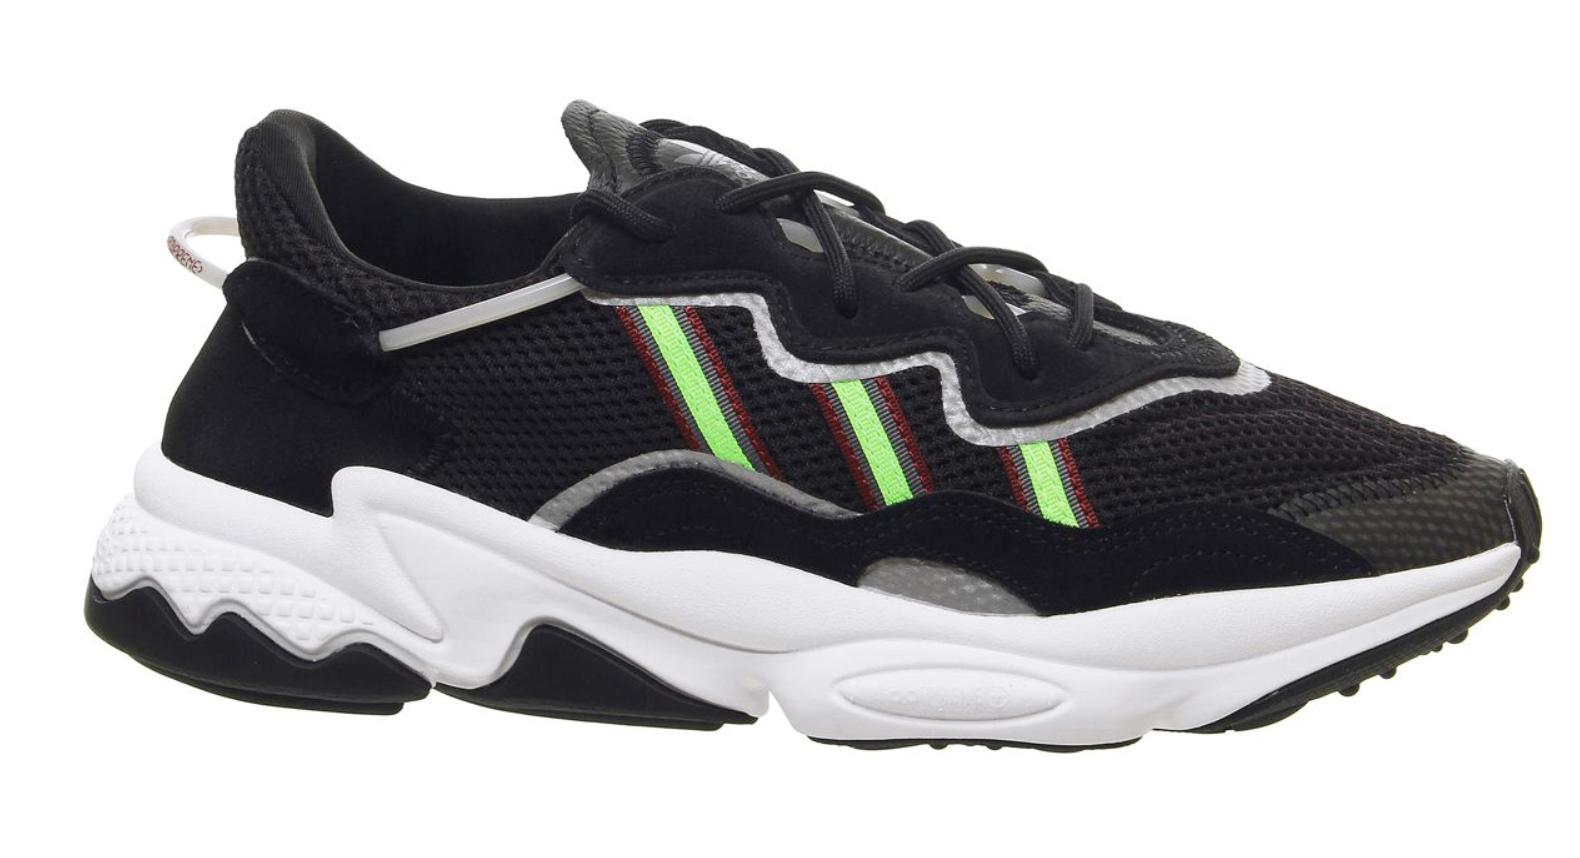 adidas ozweego white black green